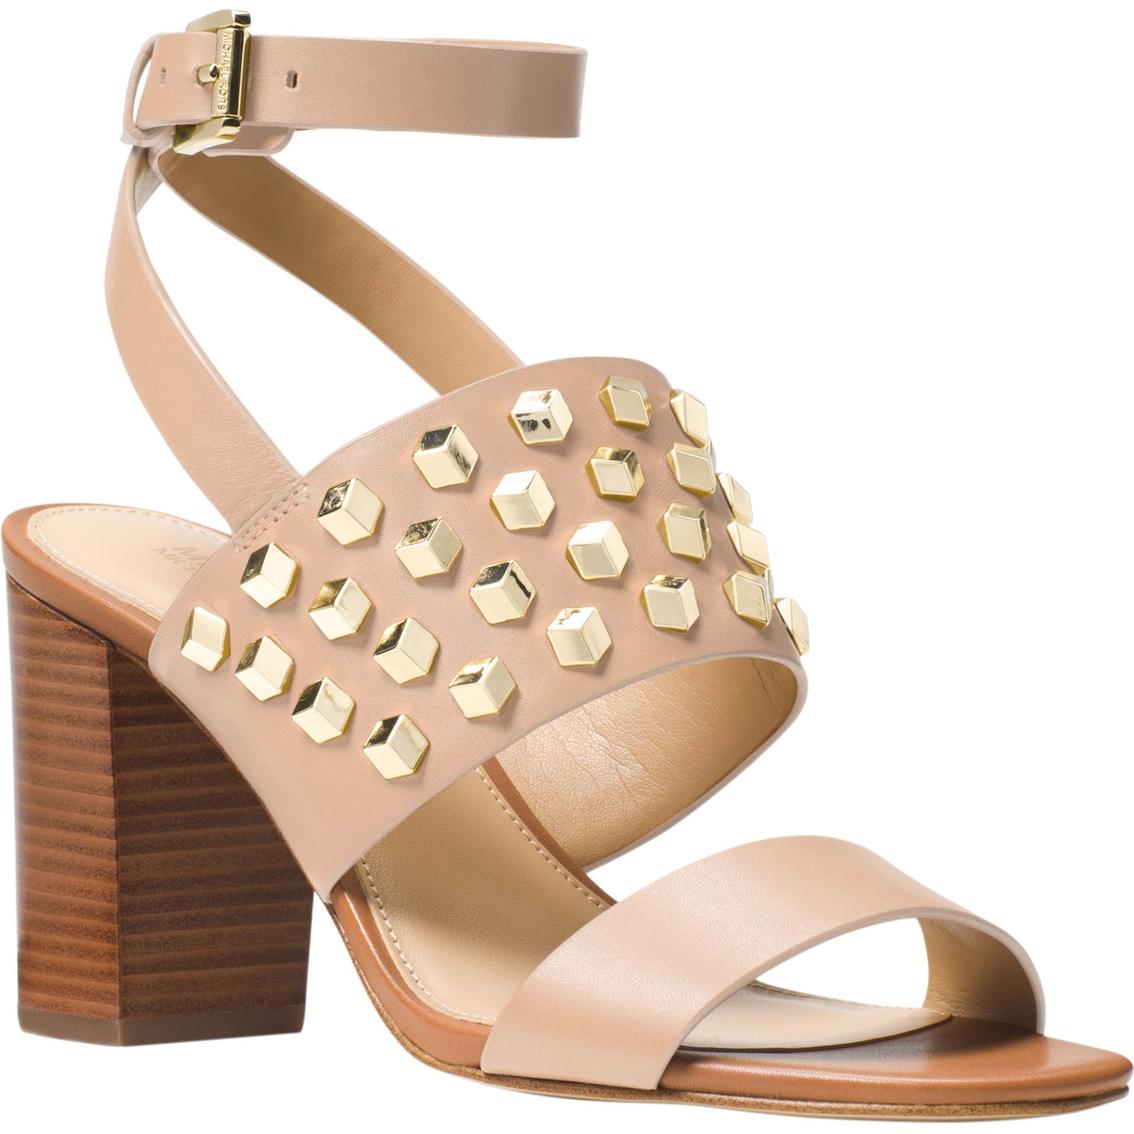 3019fcf41c708 Michael Kors Valencia Ankle Strap Stud Shoes